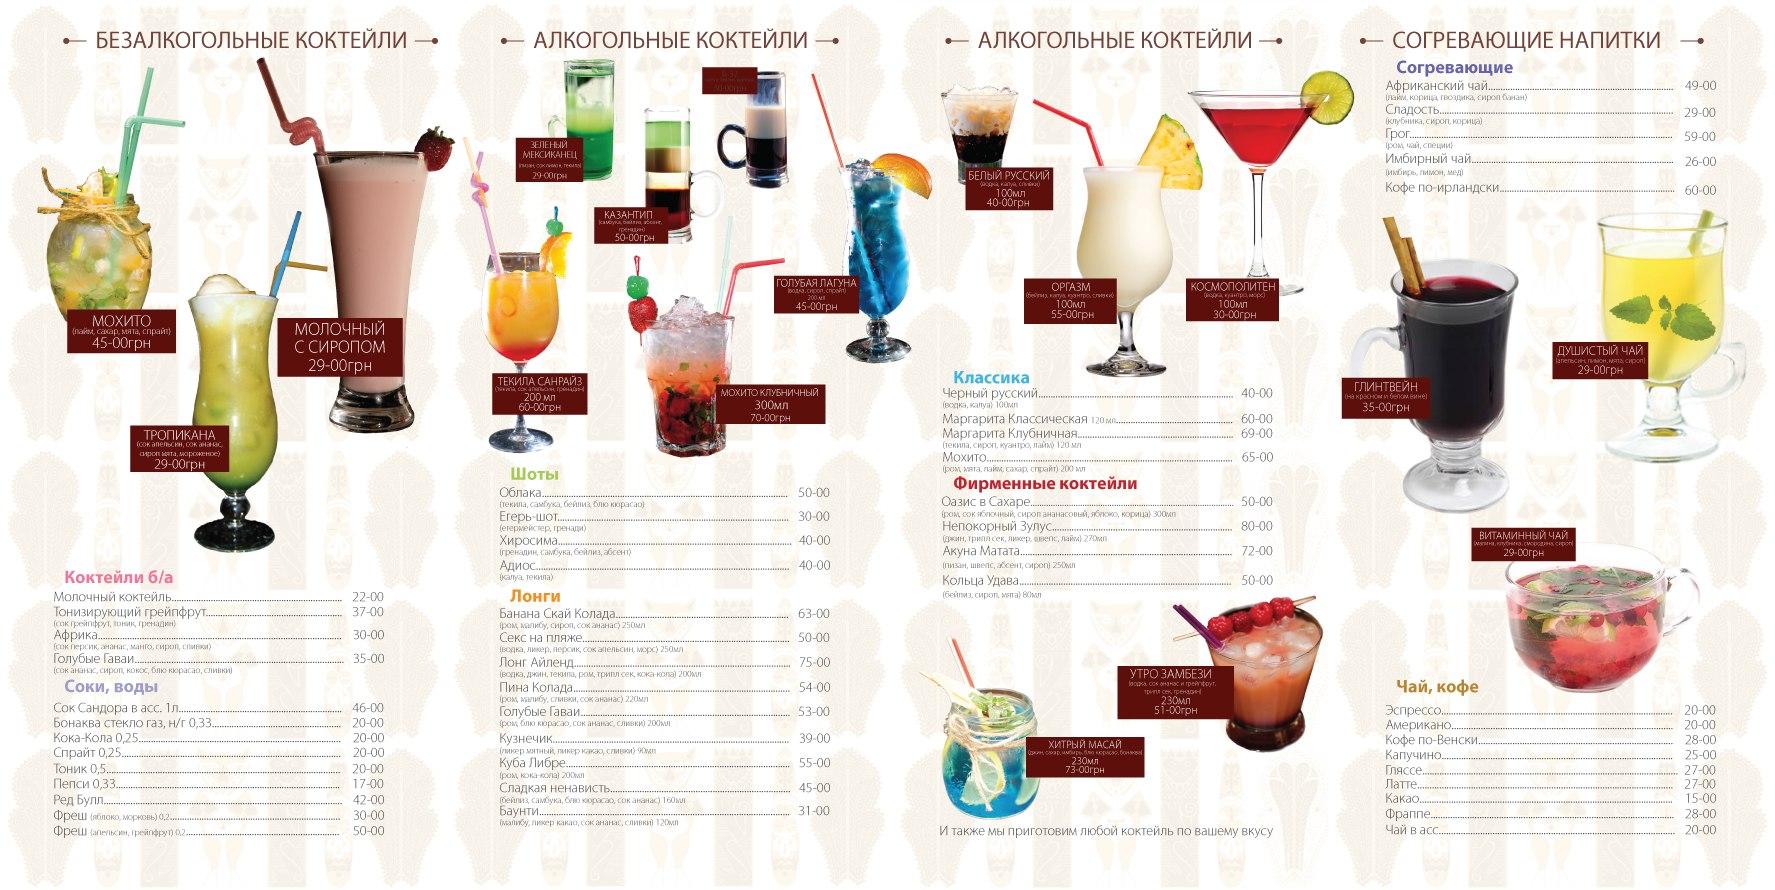 Популярные алкогольные коктейли в домашних условиях рецепты